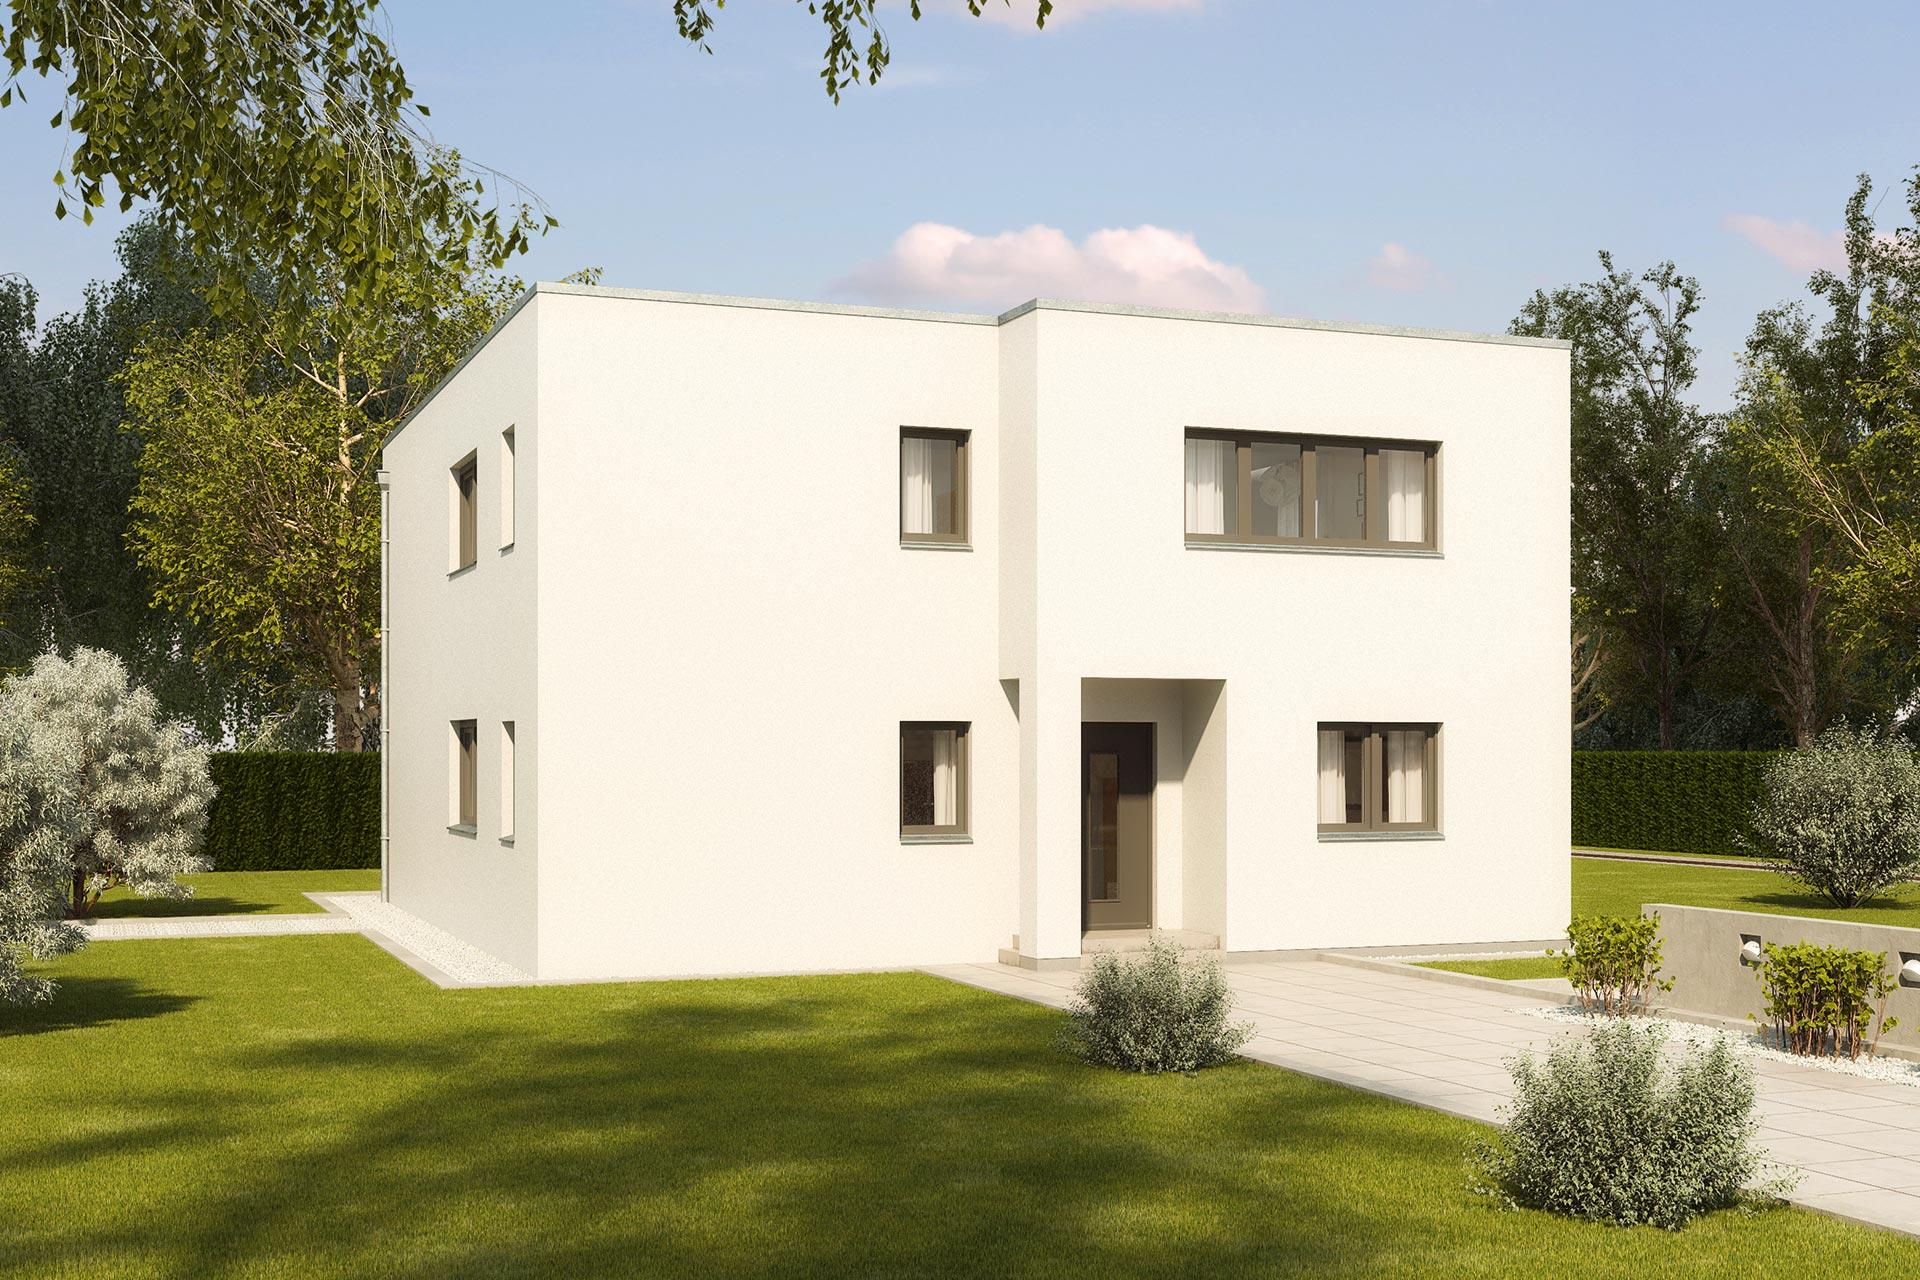 Stadthaus Ostia Flachdachhaus Mit Kompaktem Grundriss Grosser